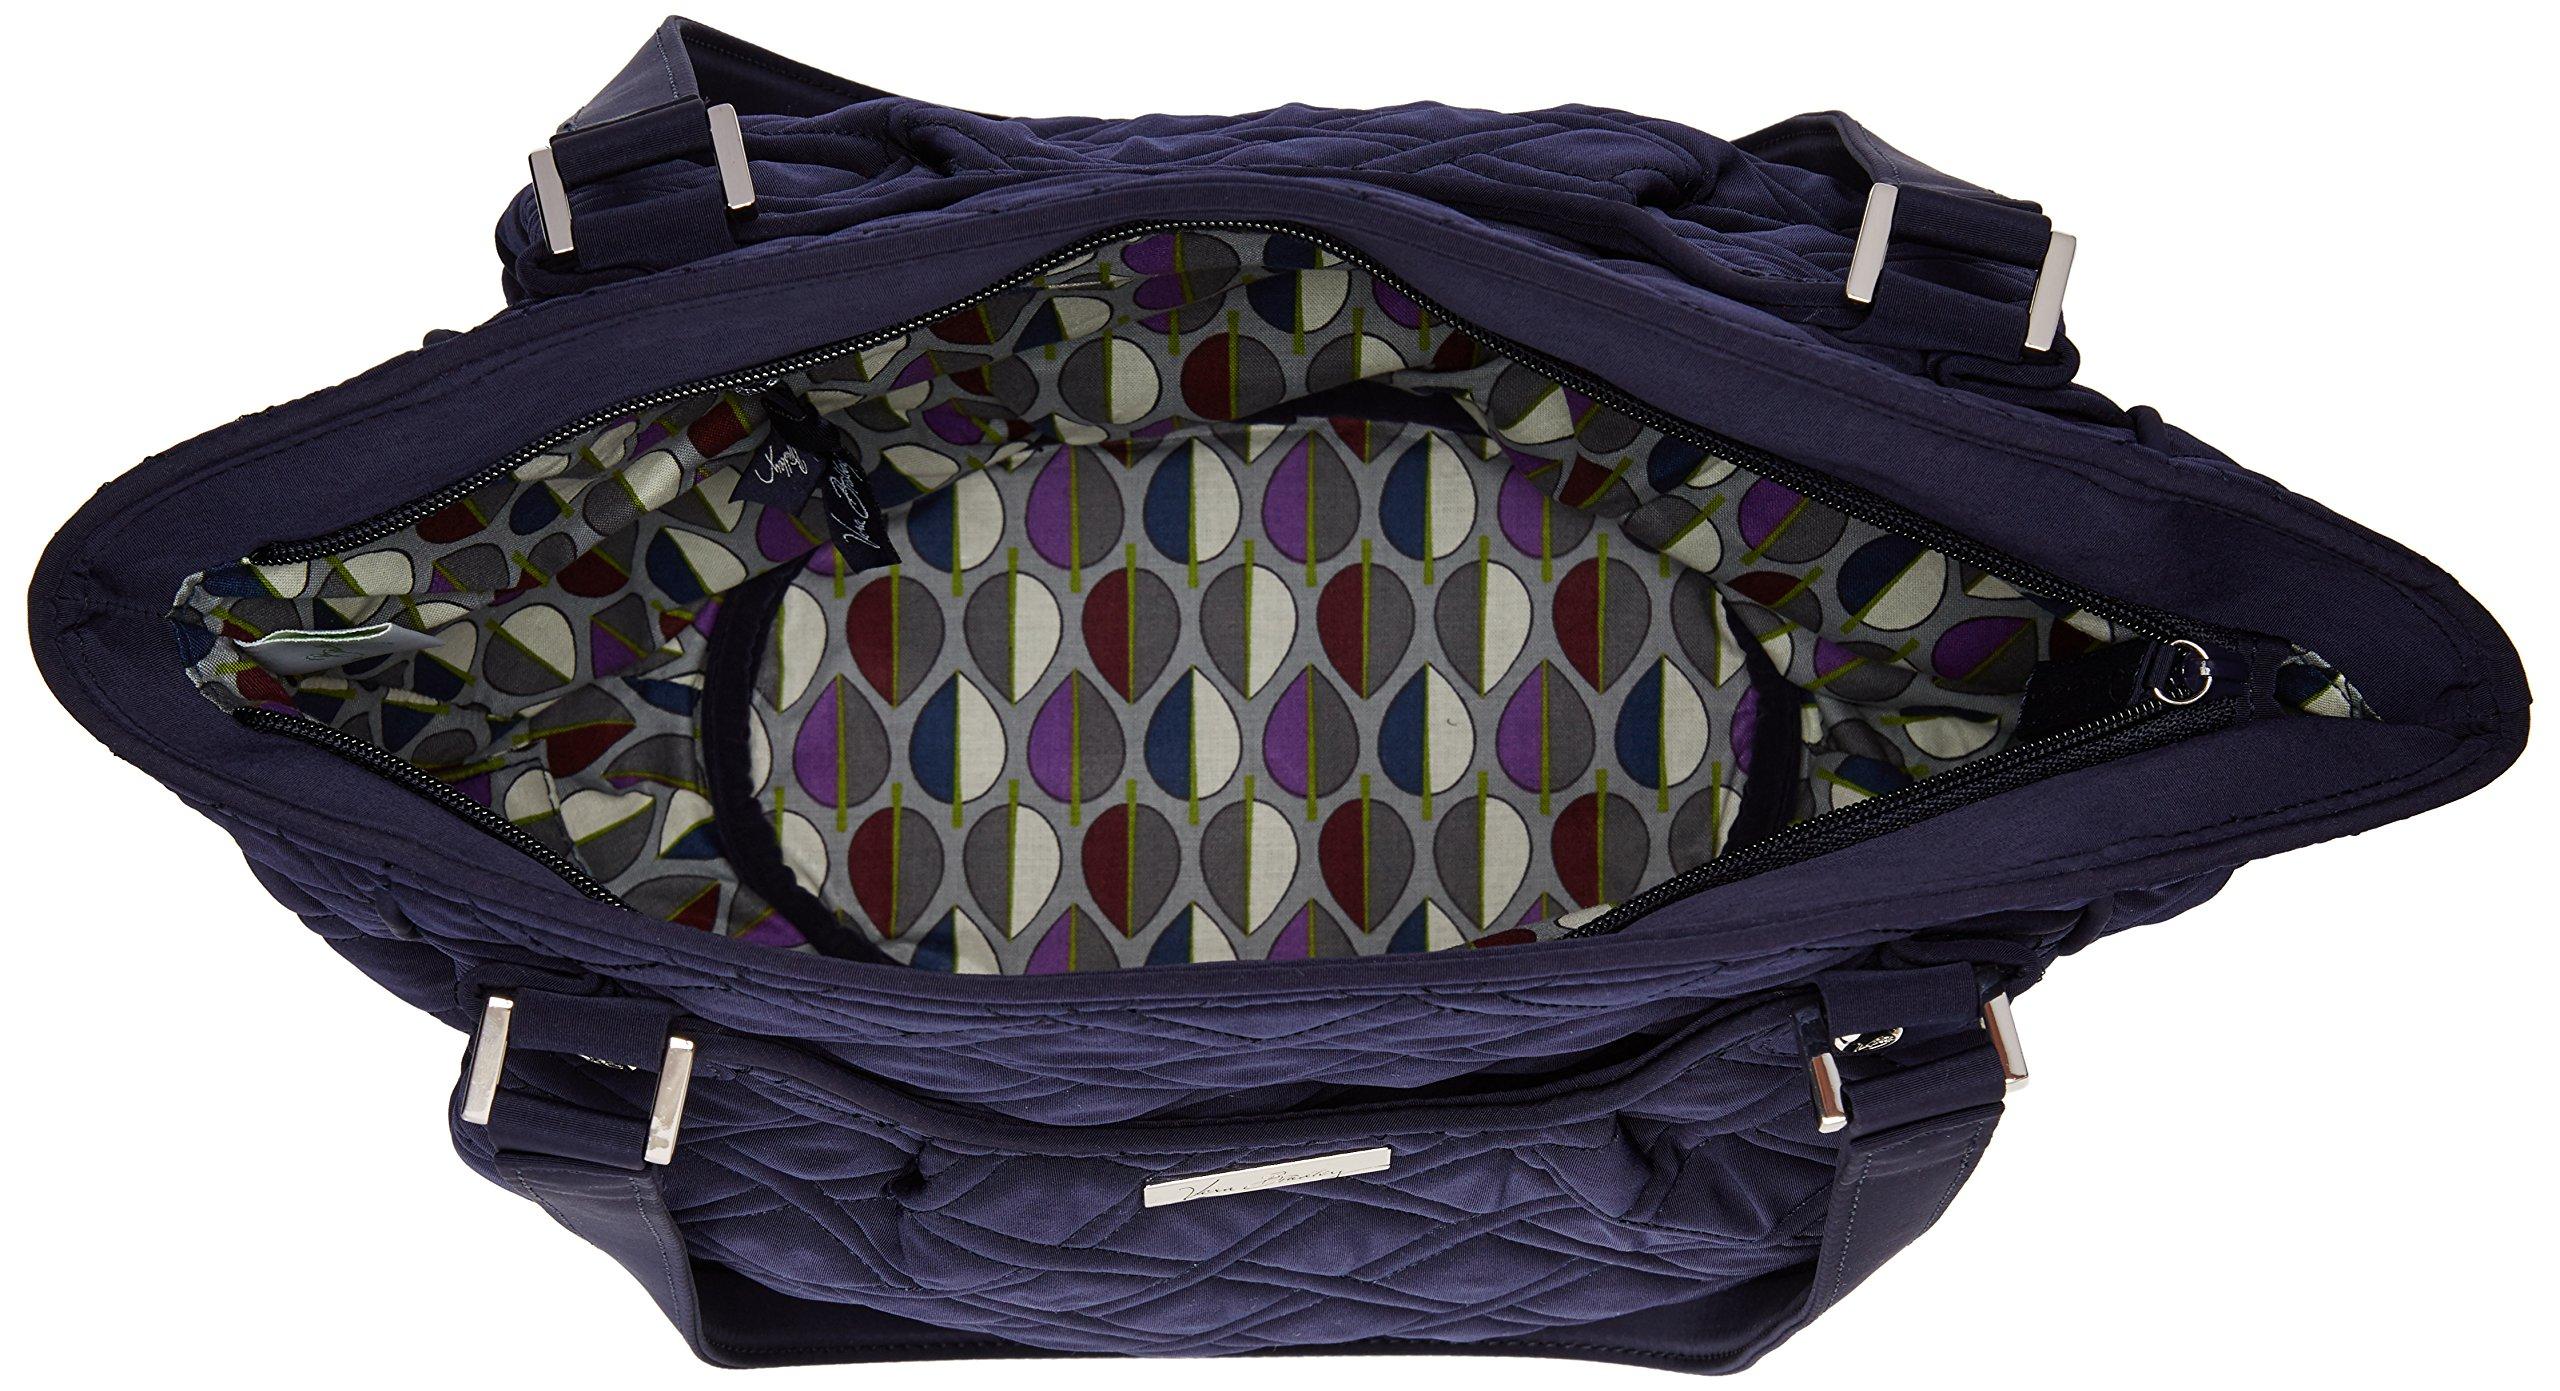 Vera Bradley Glenna 2 Shoulder Bag, Classic Navy, One Size by Vera Bradley (Image #5)